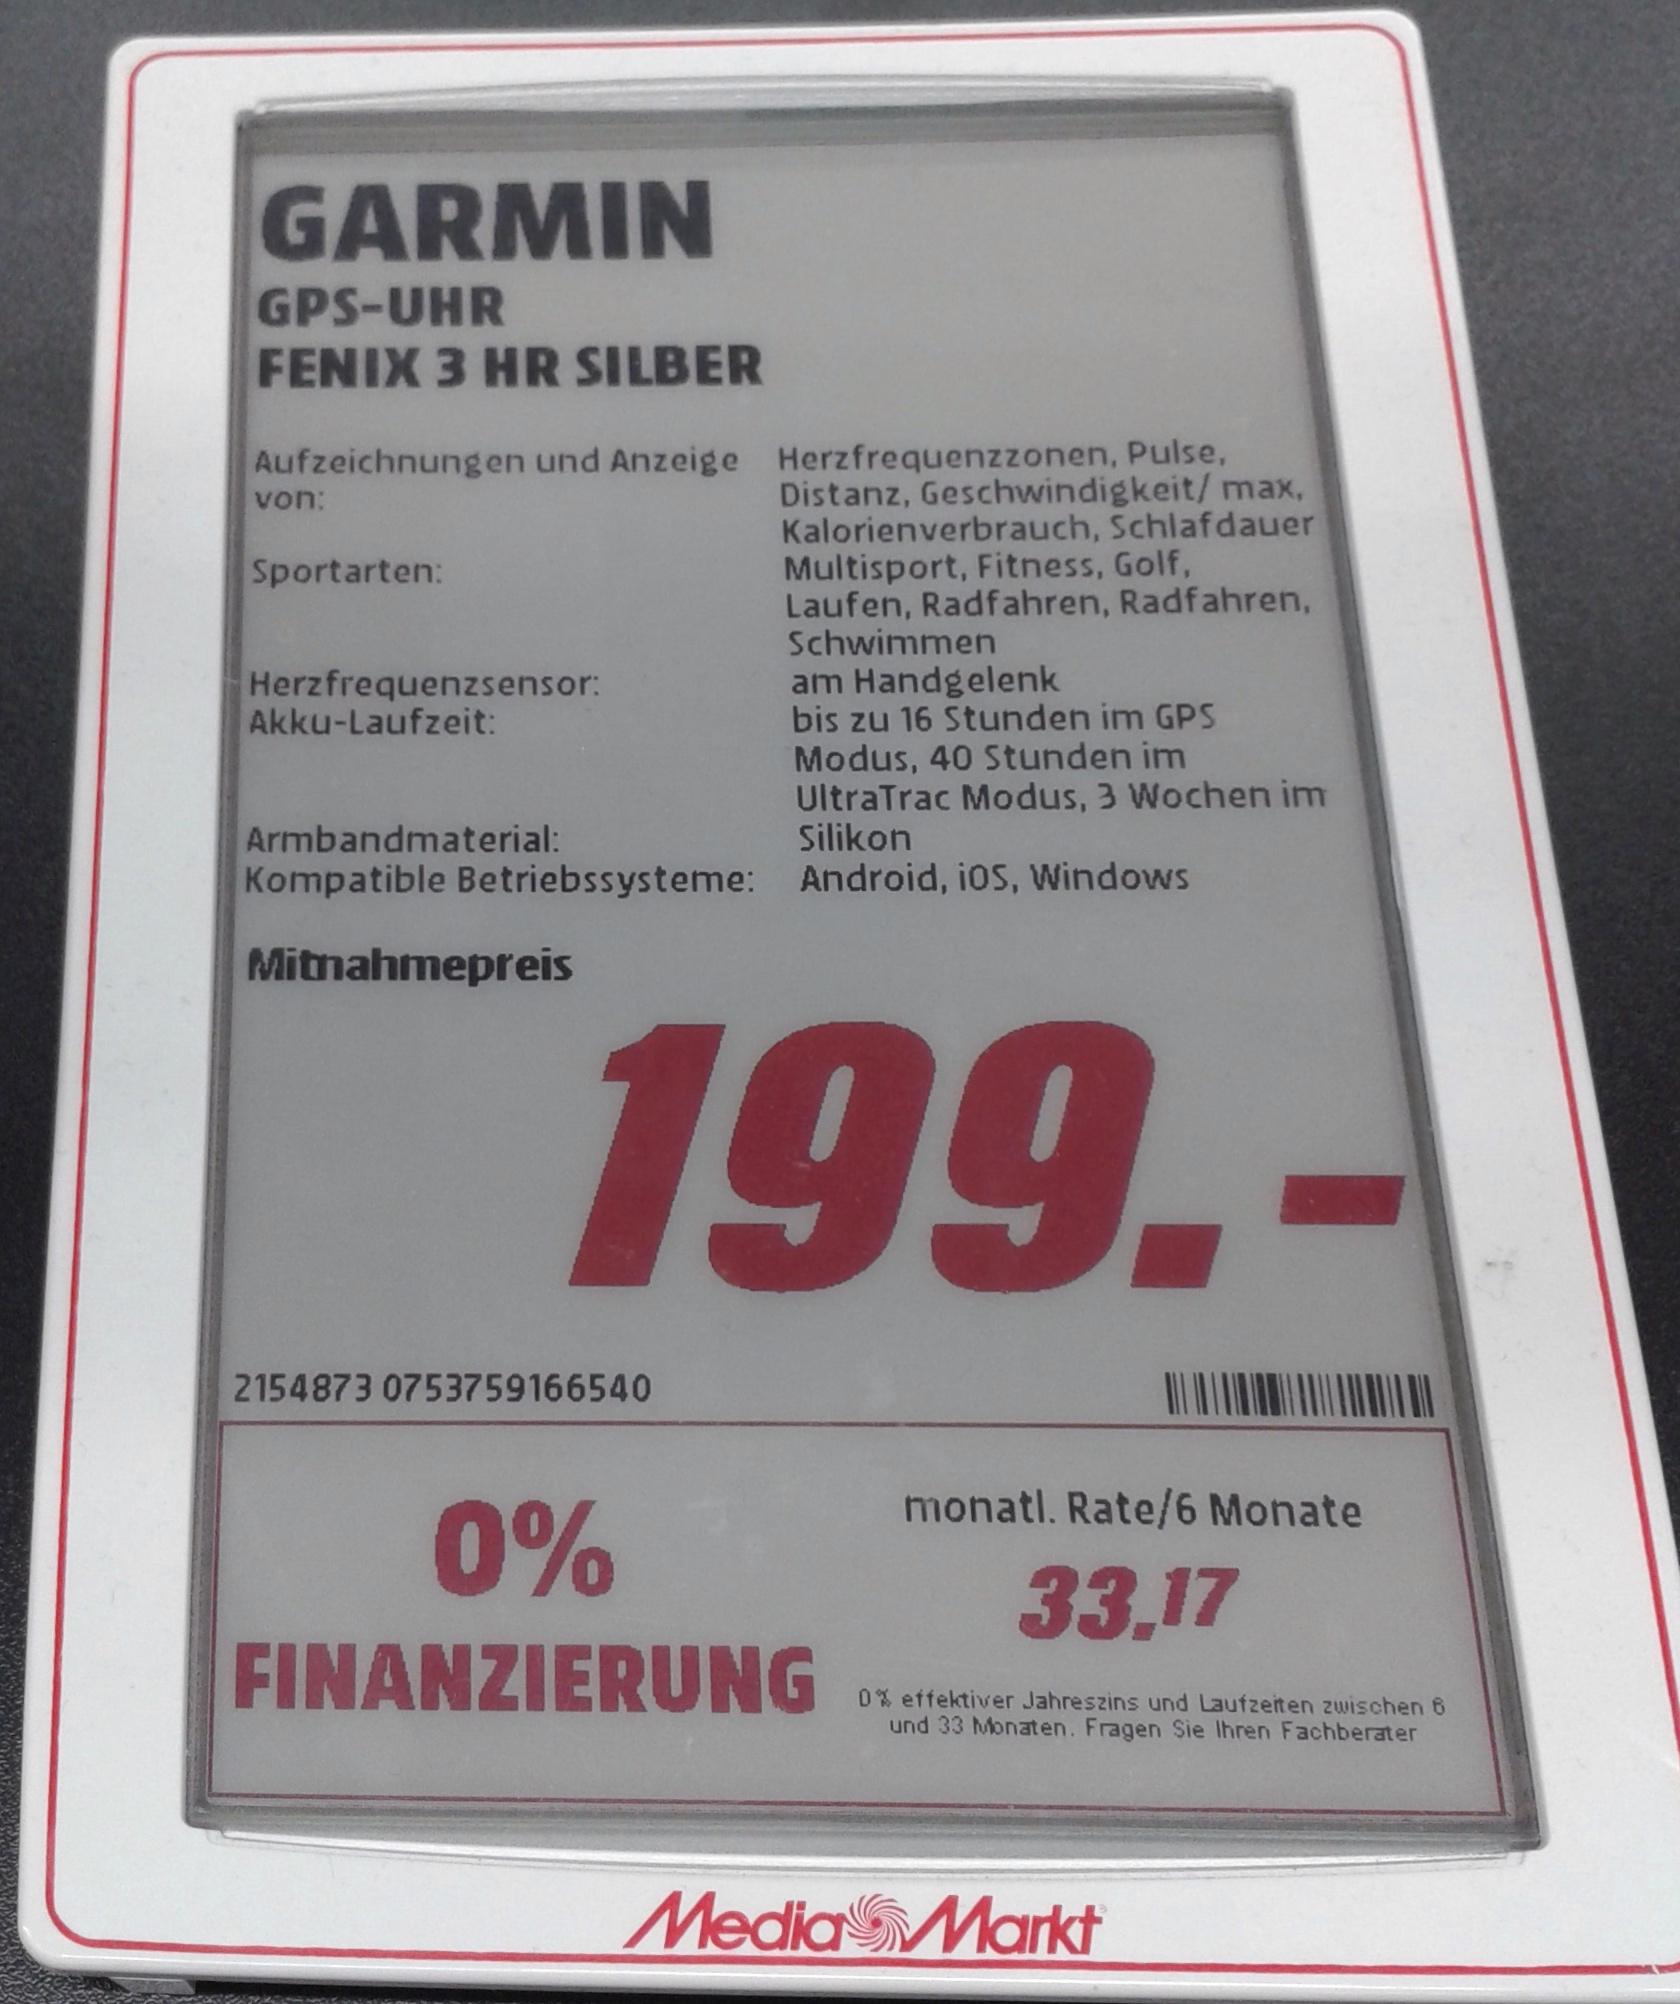 [MM KA-Bulach]   GARMIN Fenix 3 HR SILBER  für 199€  (VGP: 385€)